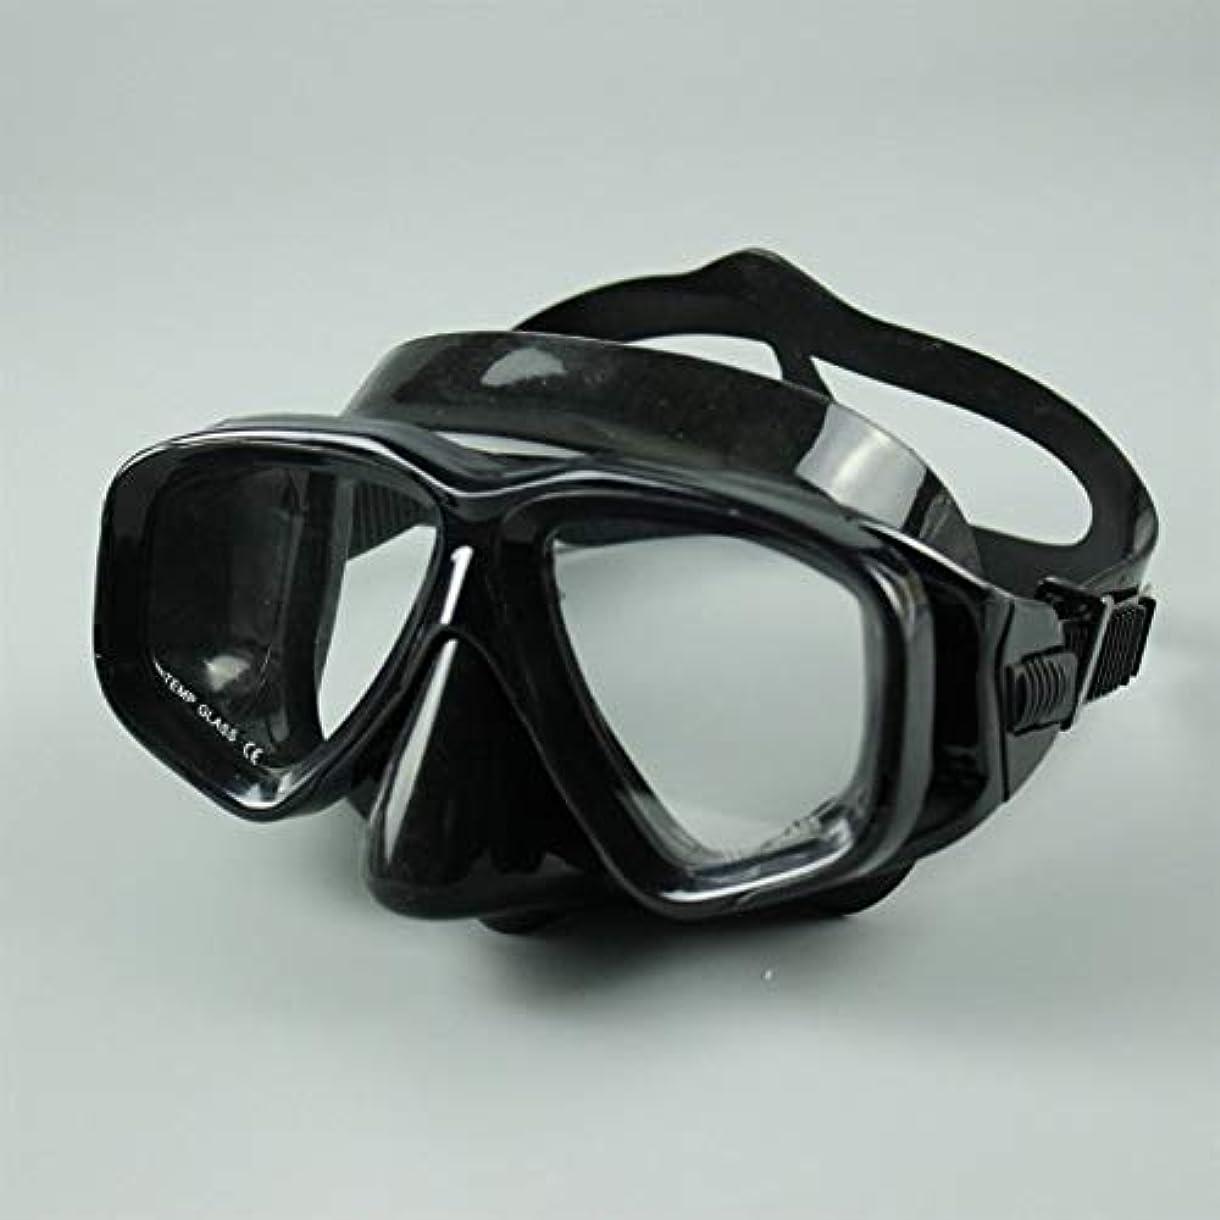 授業料開業医俳句大人の黒いシリコーンの物質的な水泳のダイビングガラスの迷彩マスク g5y9k2i3rw1